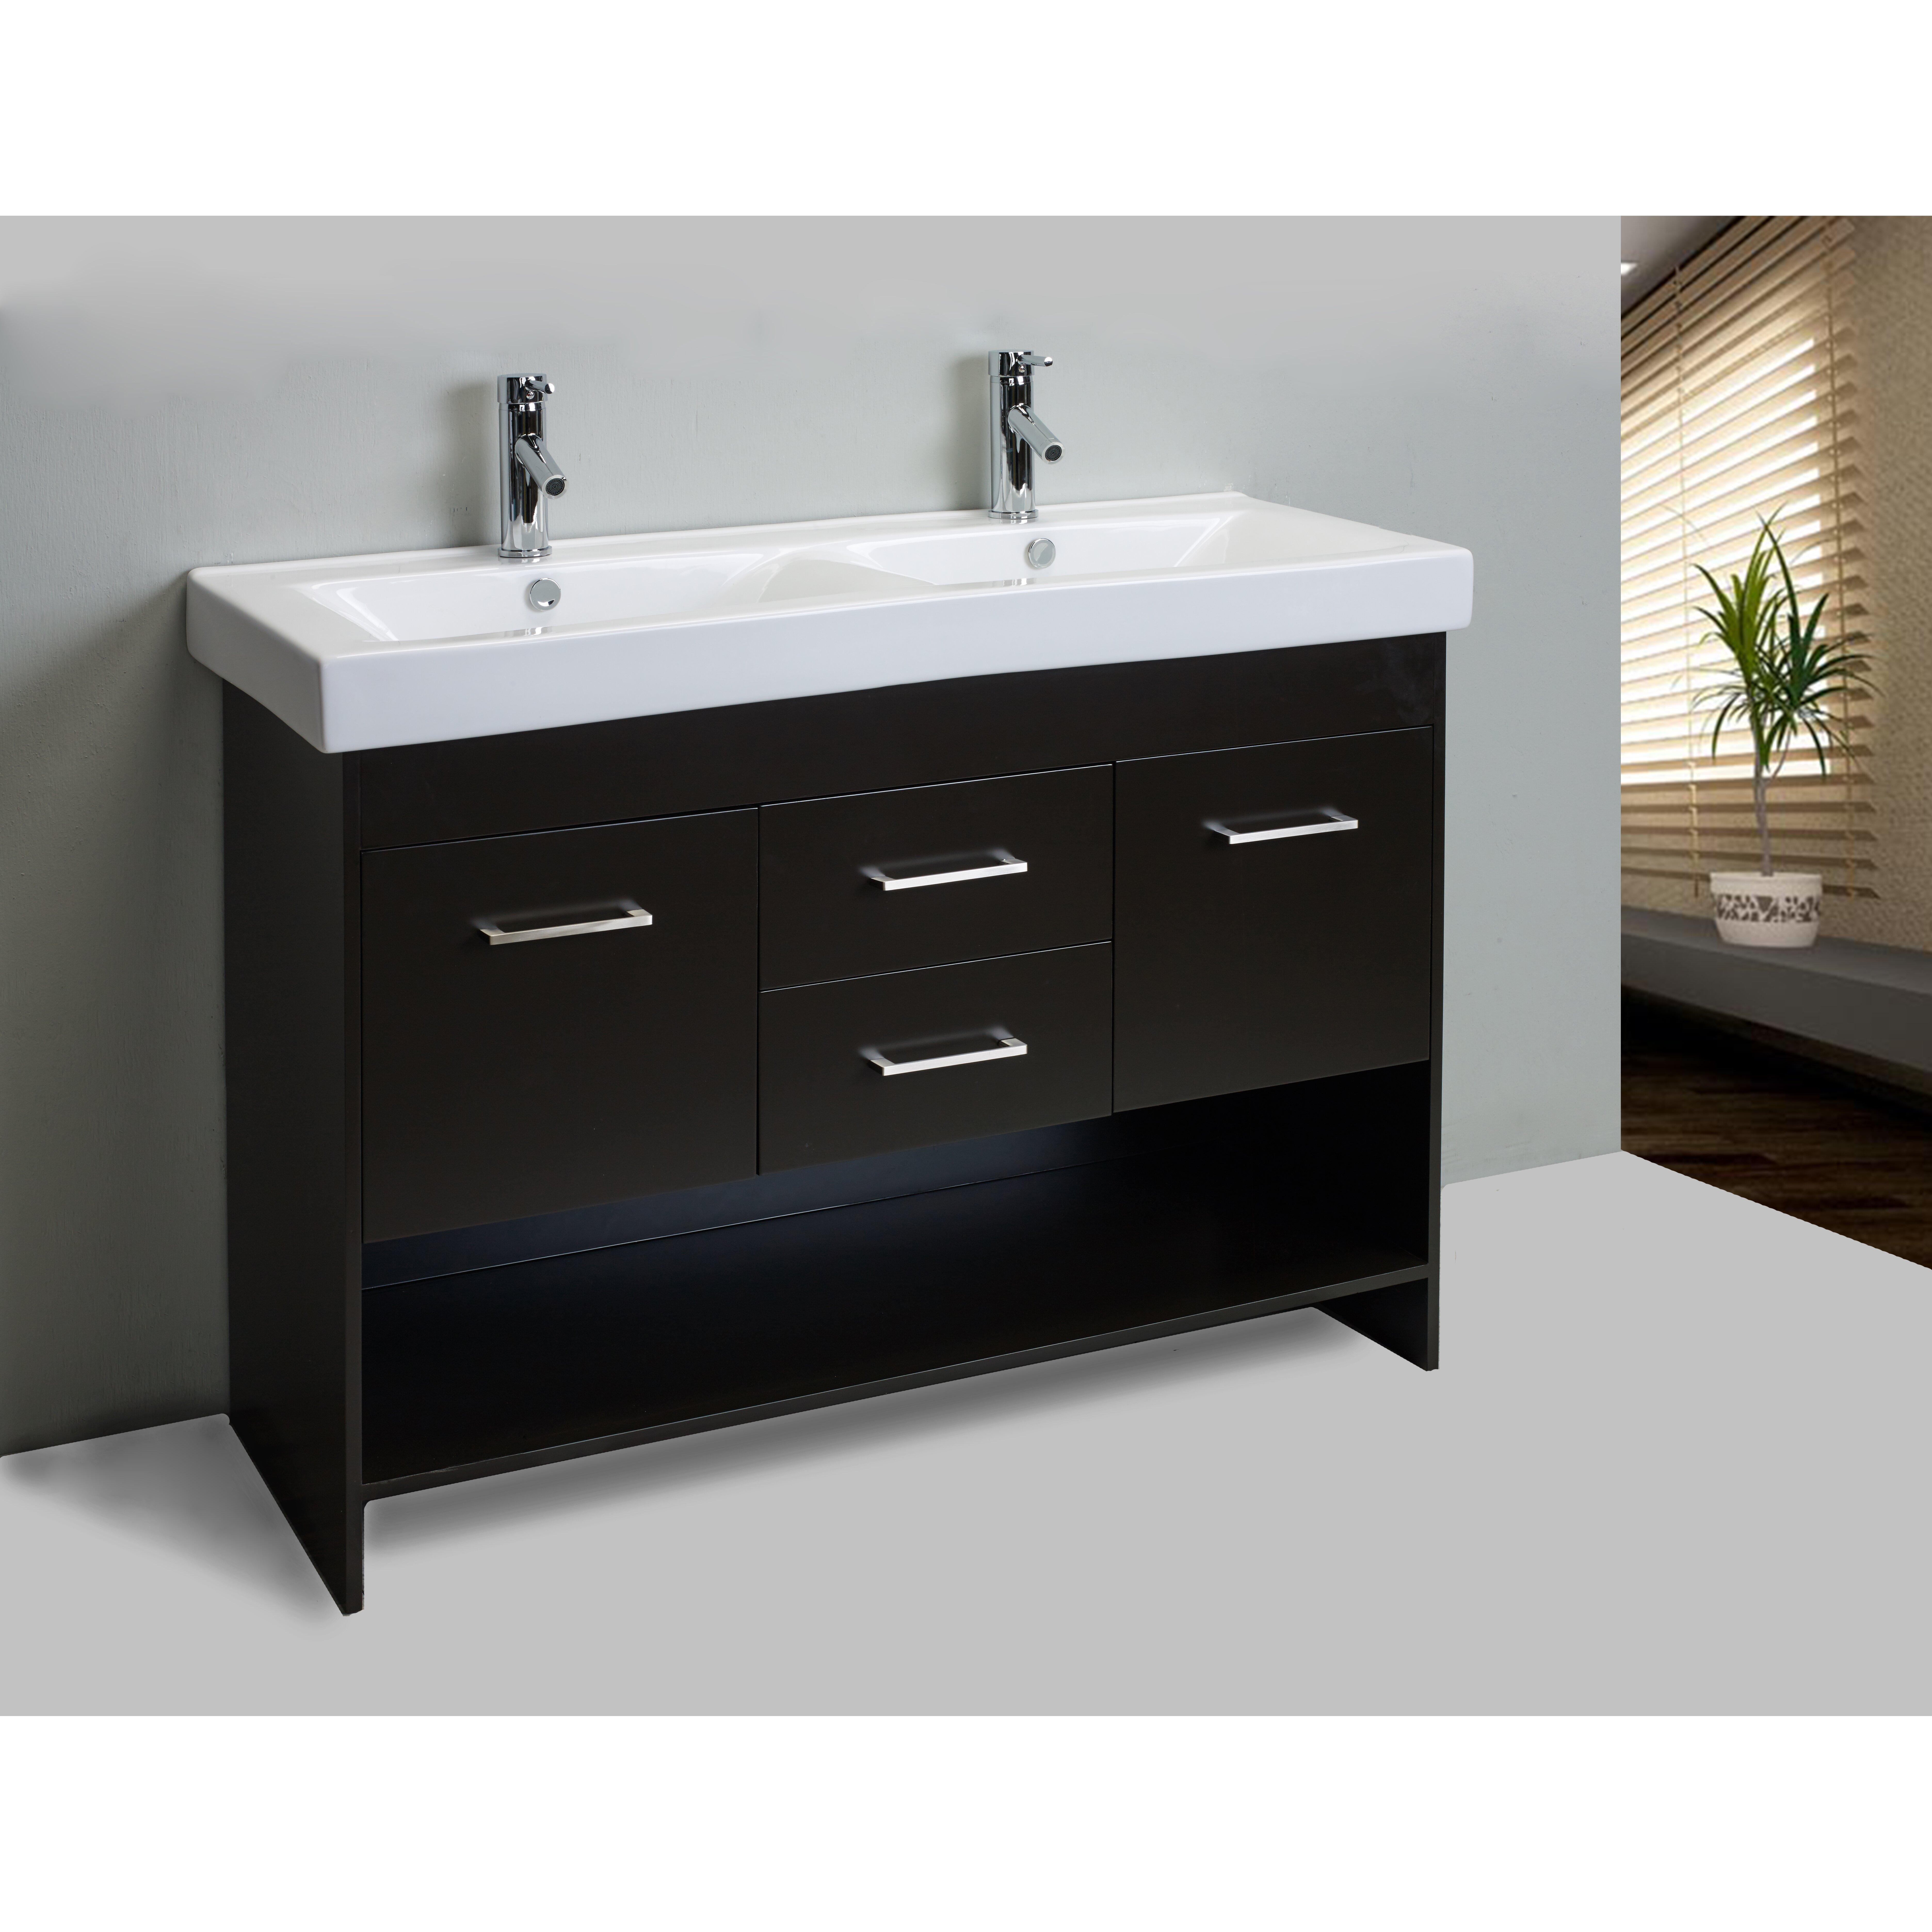 Eviva gloria 48 espresso double bathroom vanity set with - Espresso double sink bathroom vanity ...